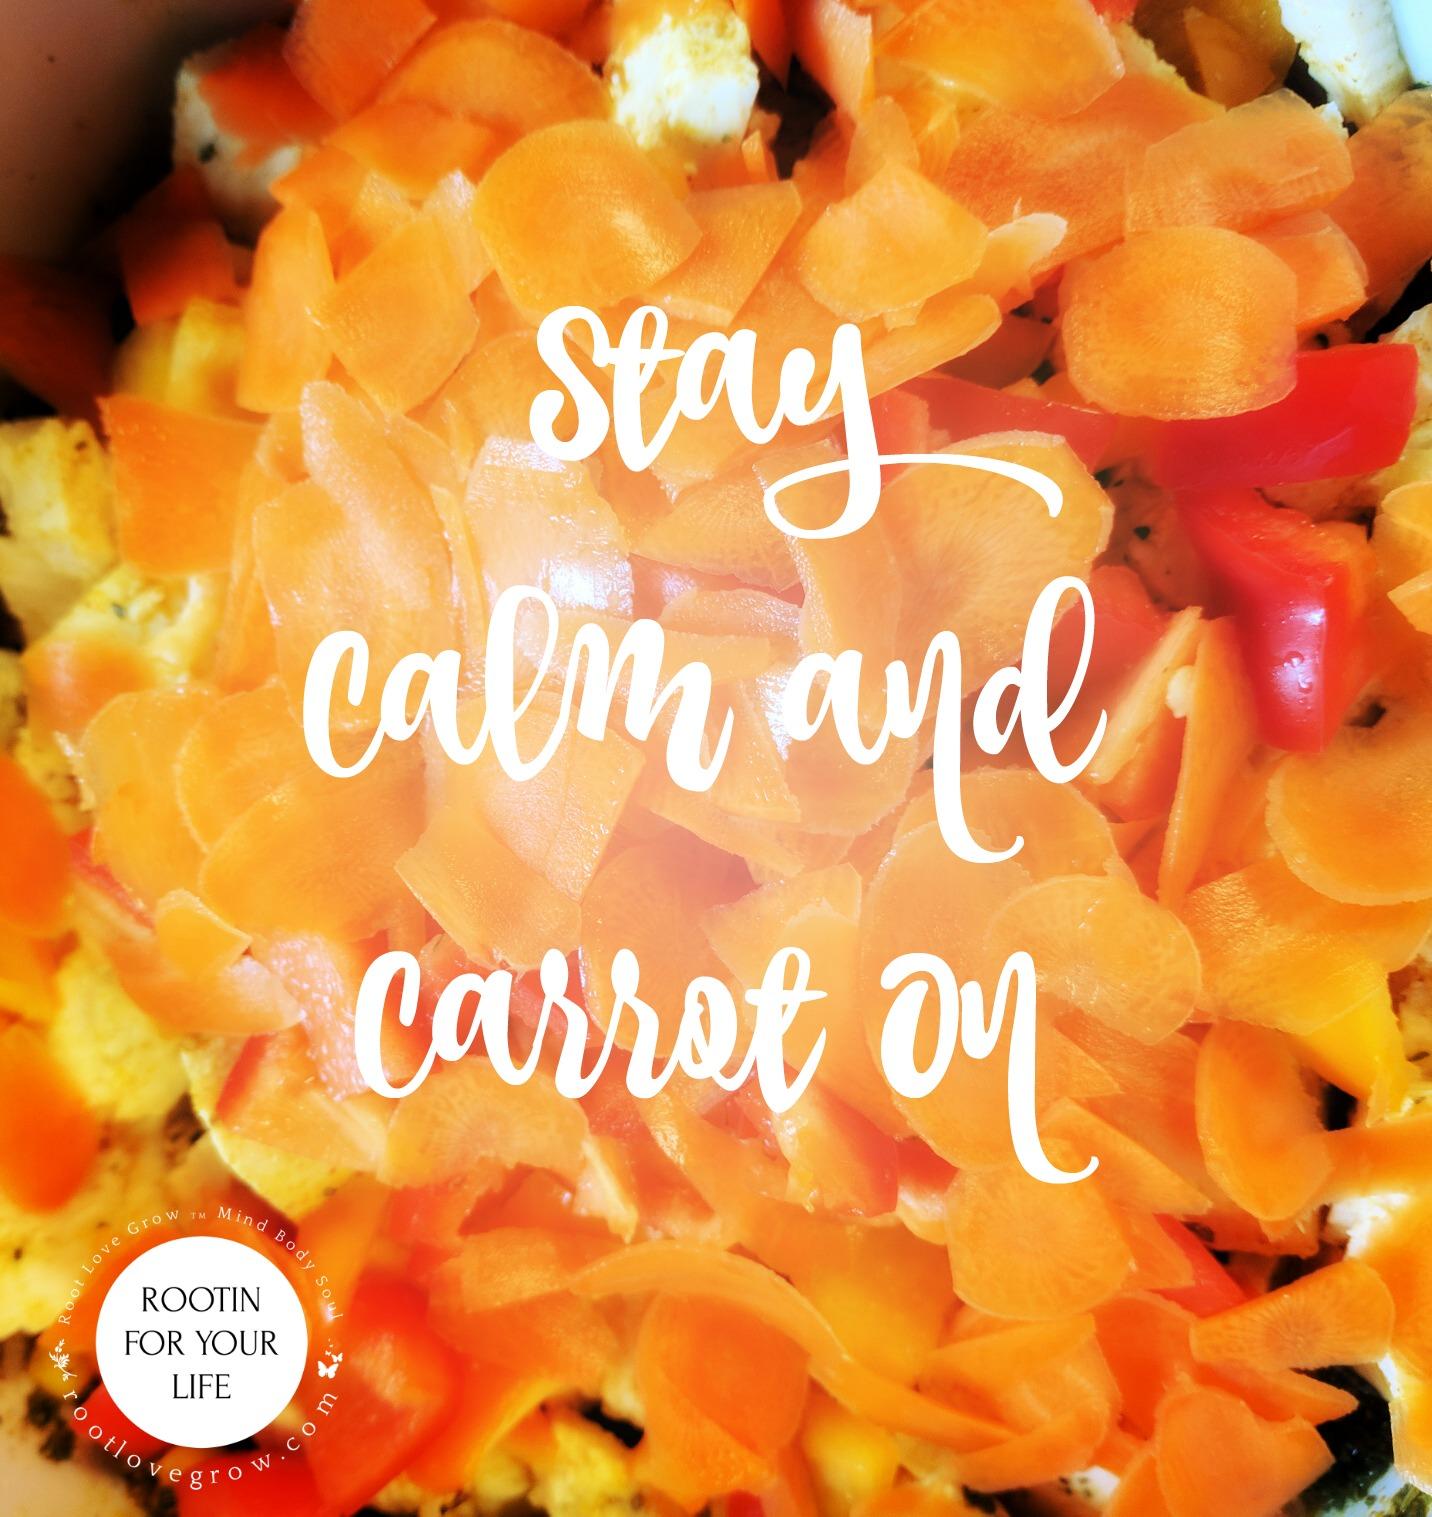 carrot on.jpg